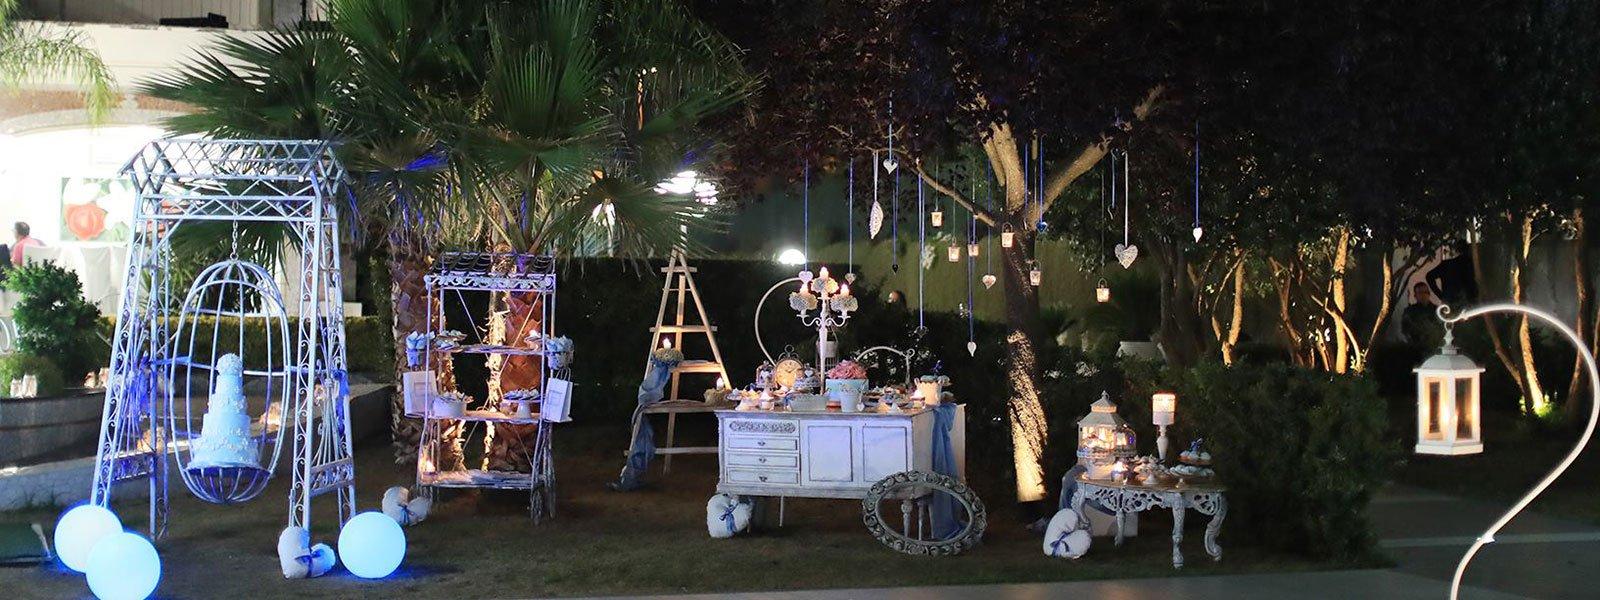 Un giardino con tavolini, stand con confetti e lumini a forma di cuore appesi su un albero